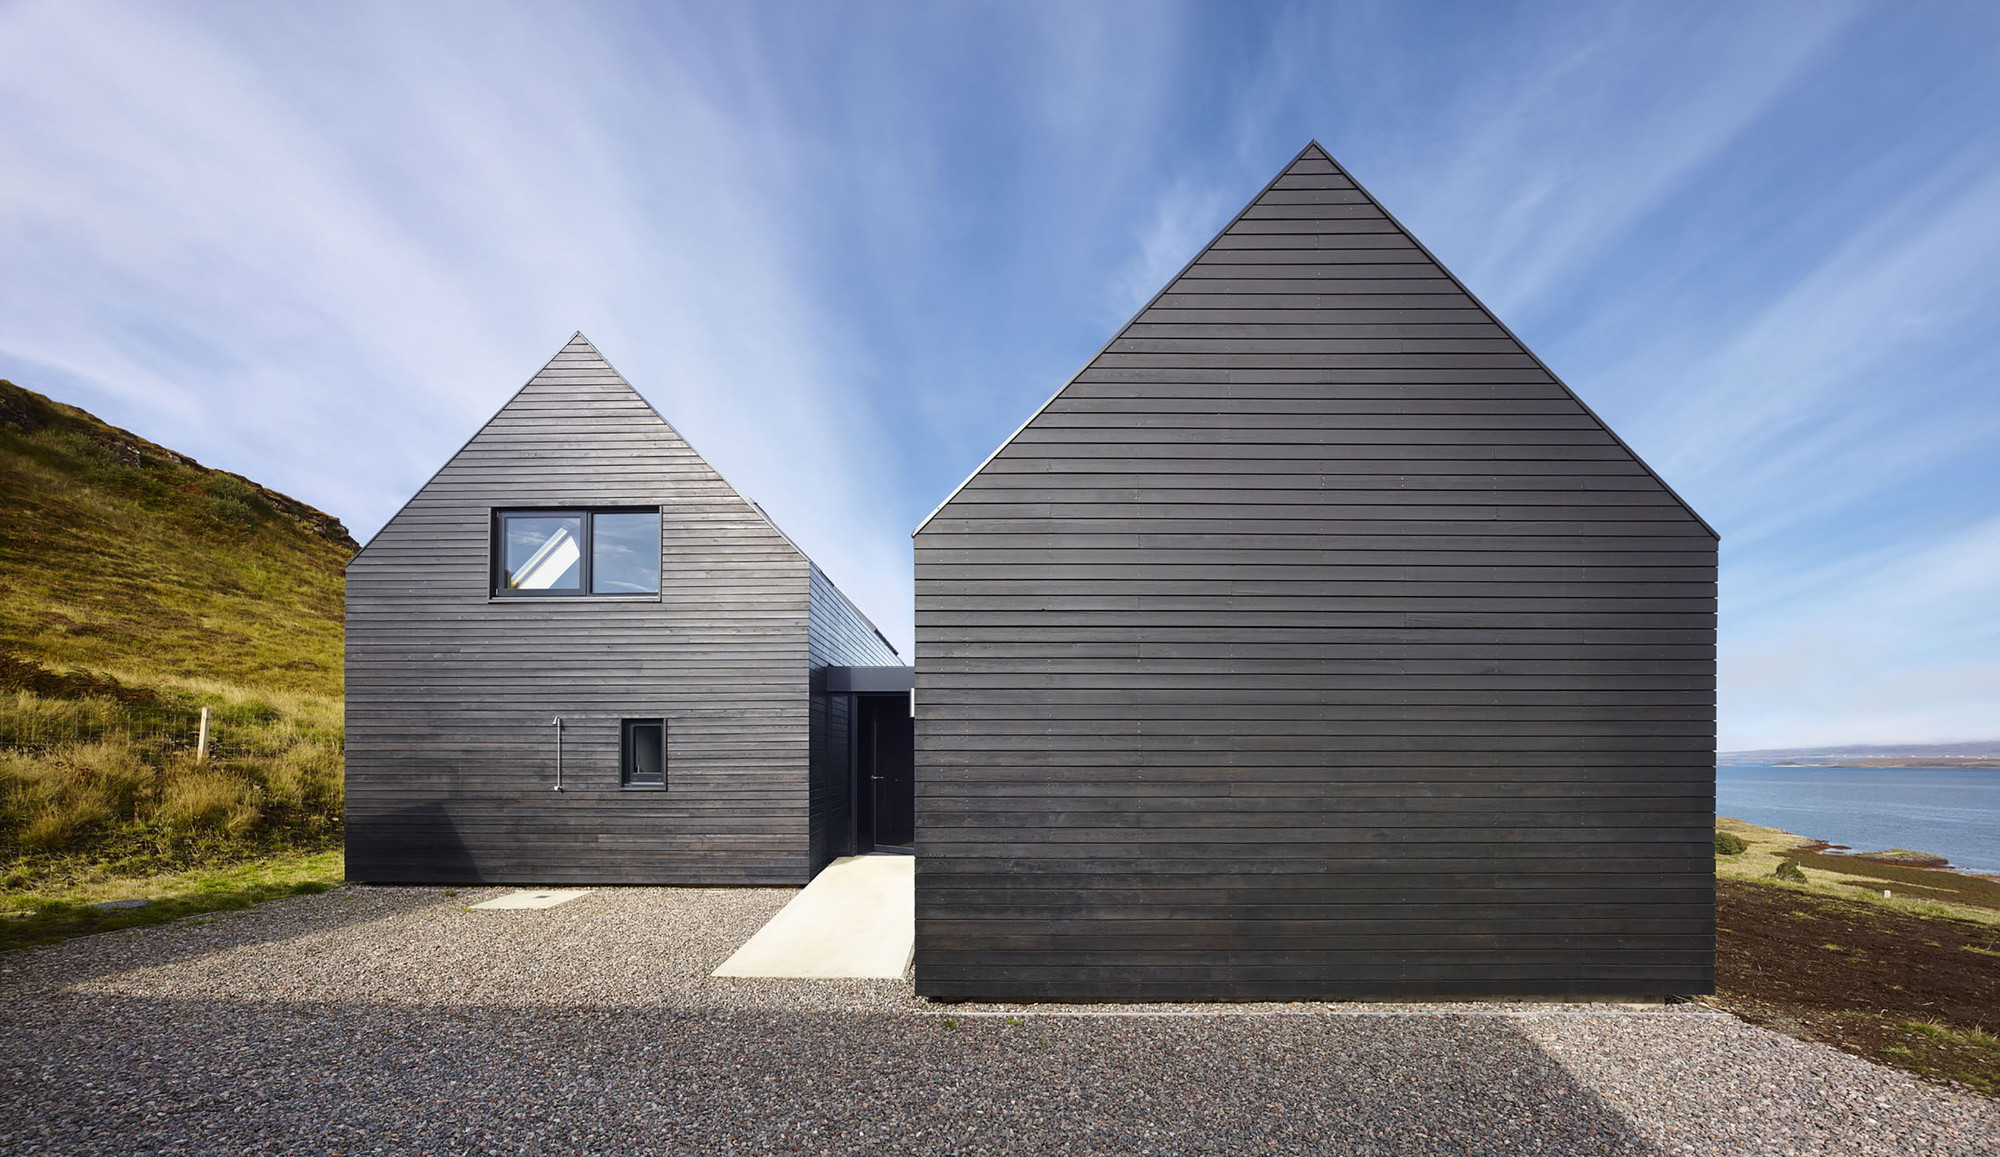 Residencia privada en la Isla de Skye / Dualchas Architects, © Andrew Lee